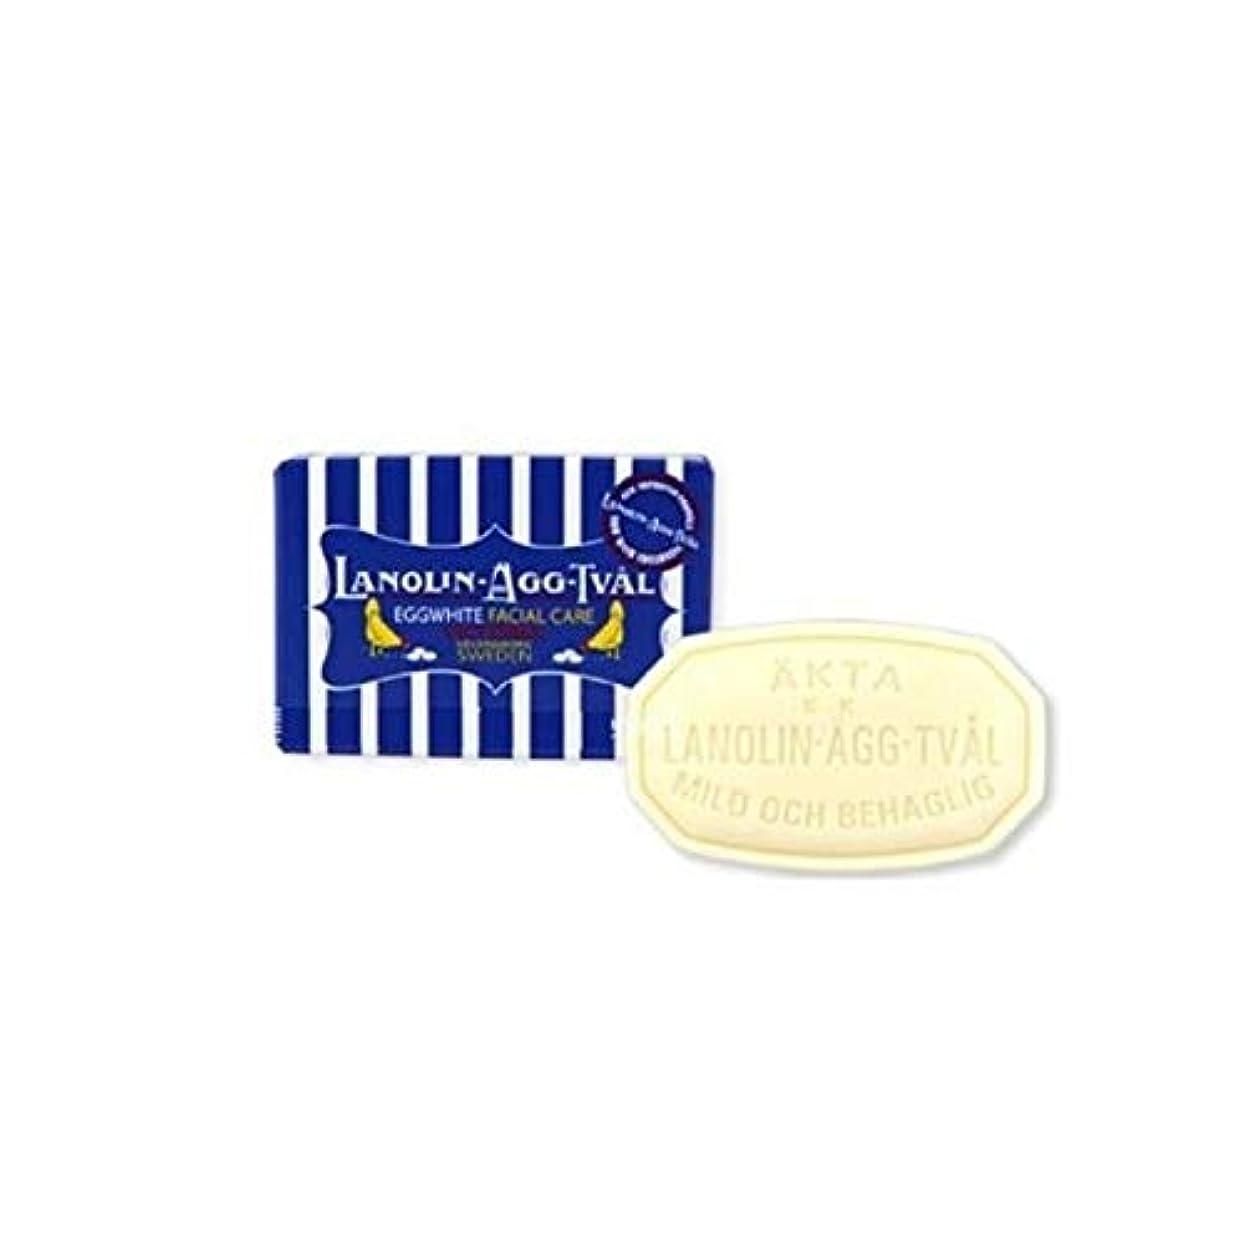 シャワー入植者離すヴィクトリア(Victoria) スウェーデン エッグ ホワイトソープ 50g×6個セット エッグパック[並行輸入品]